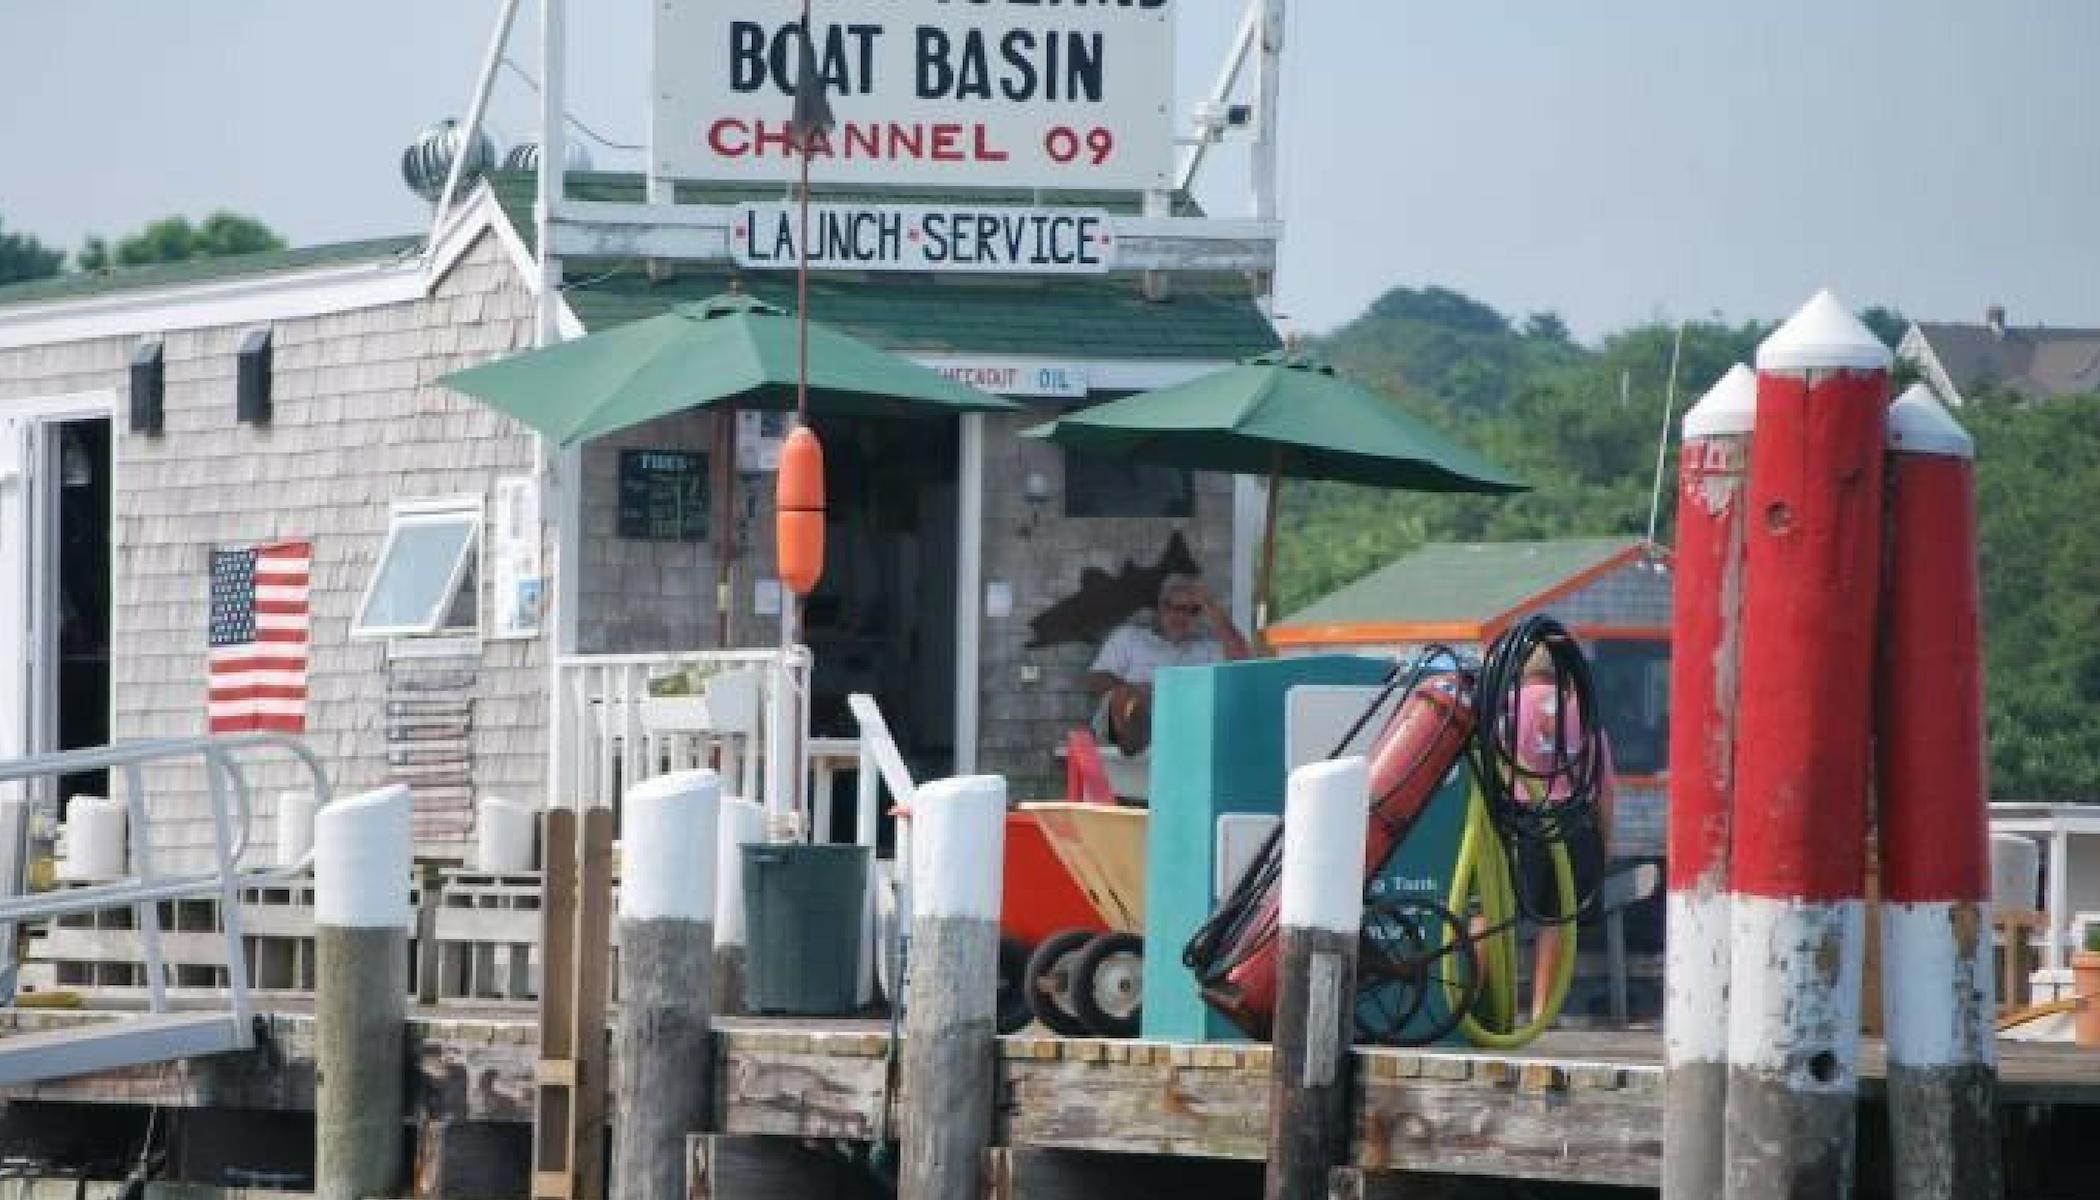 Boat Basin docks